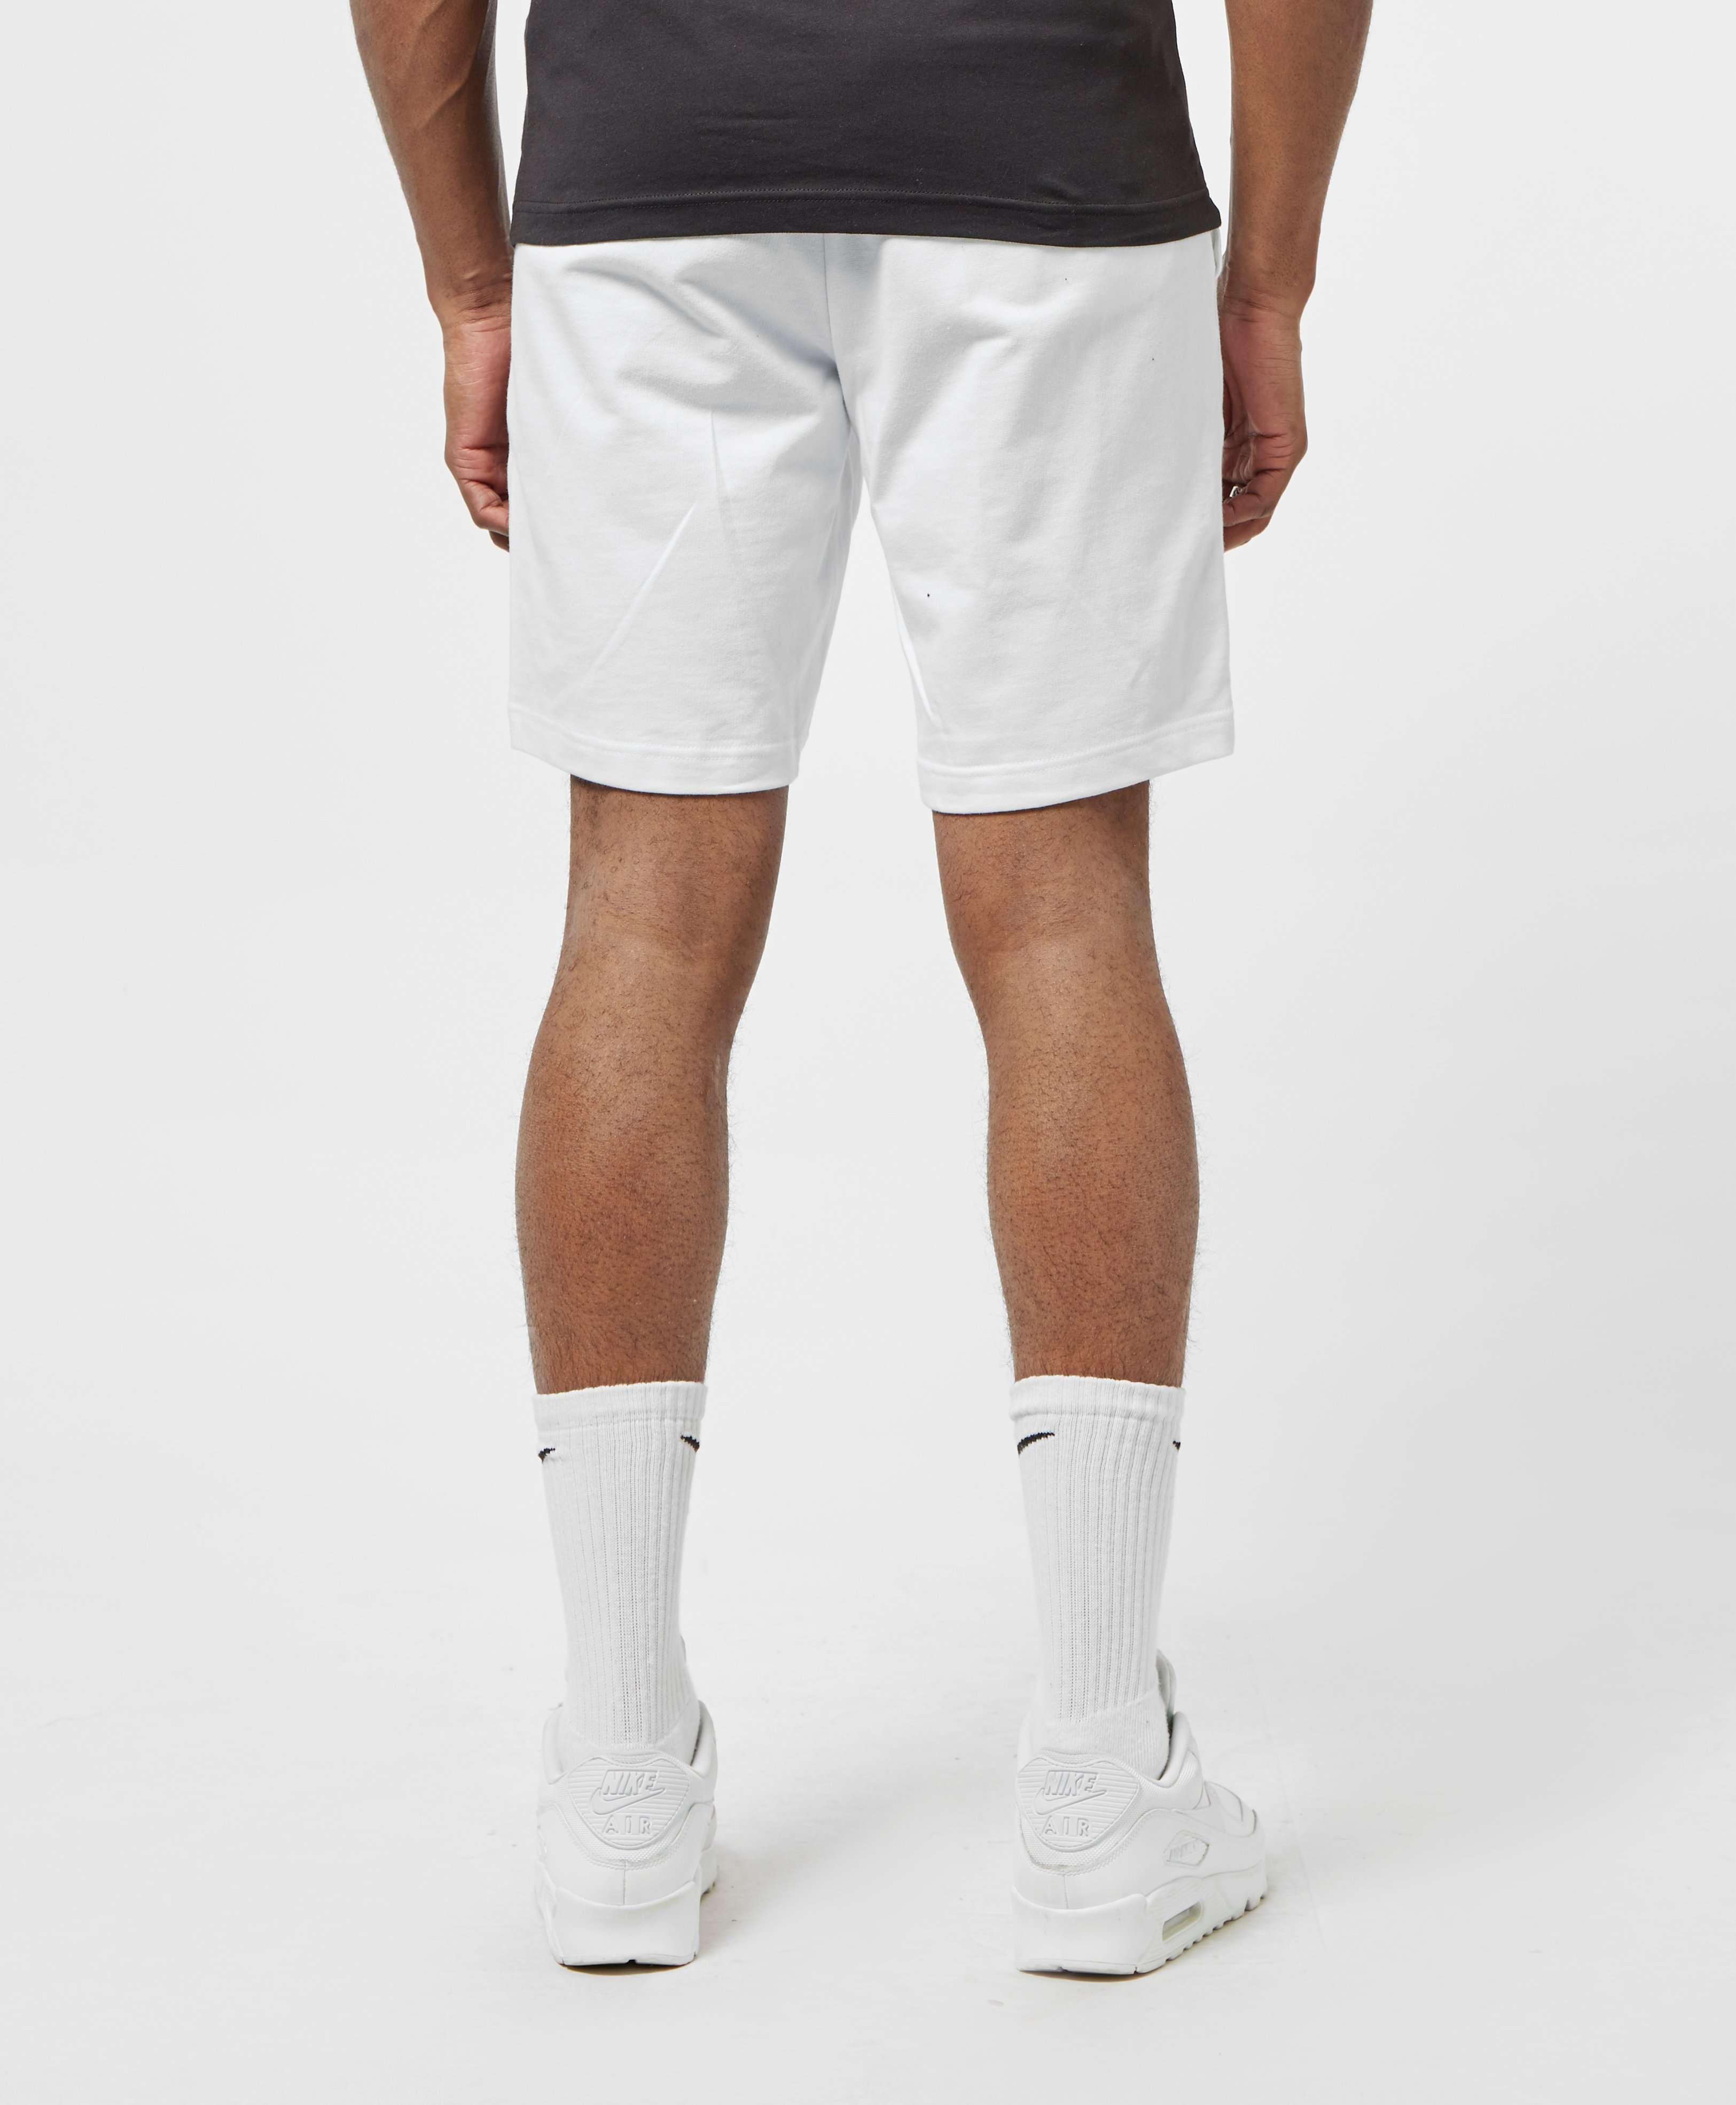 Emporio Armani EA7 Leg Logo Shorts